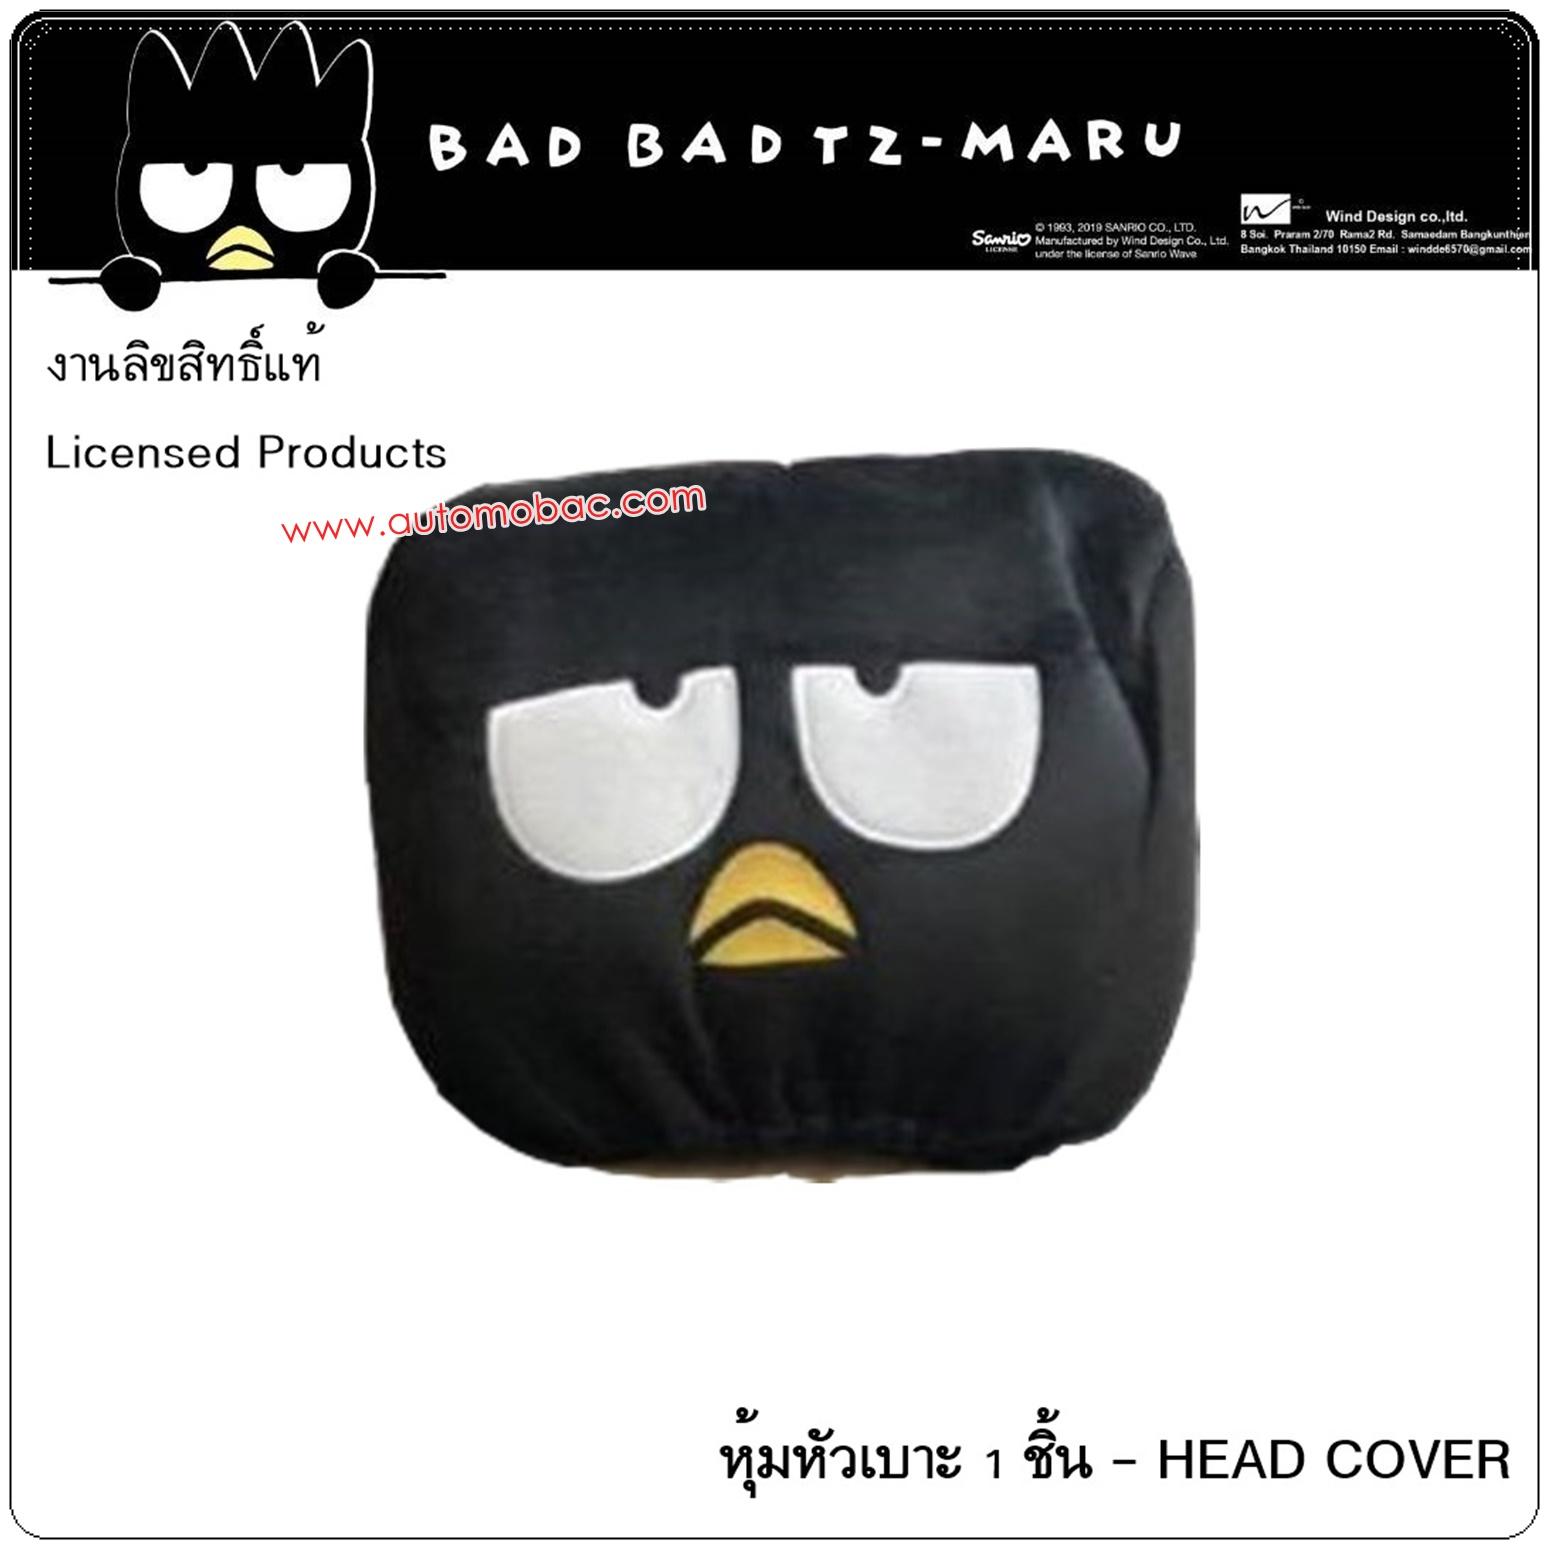 Bad Badtz-Maru BLACK แบดมารุ สีดำ ที่หุ้มหัวเบาะ 1 ชิ้น ลิขสิทธิ์แท้ ป้องกันสิ่งสกปรก สวยงาม